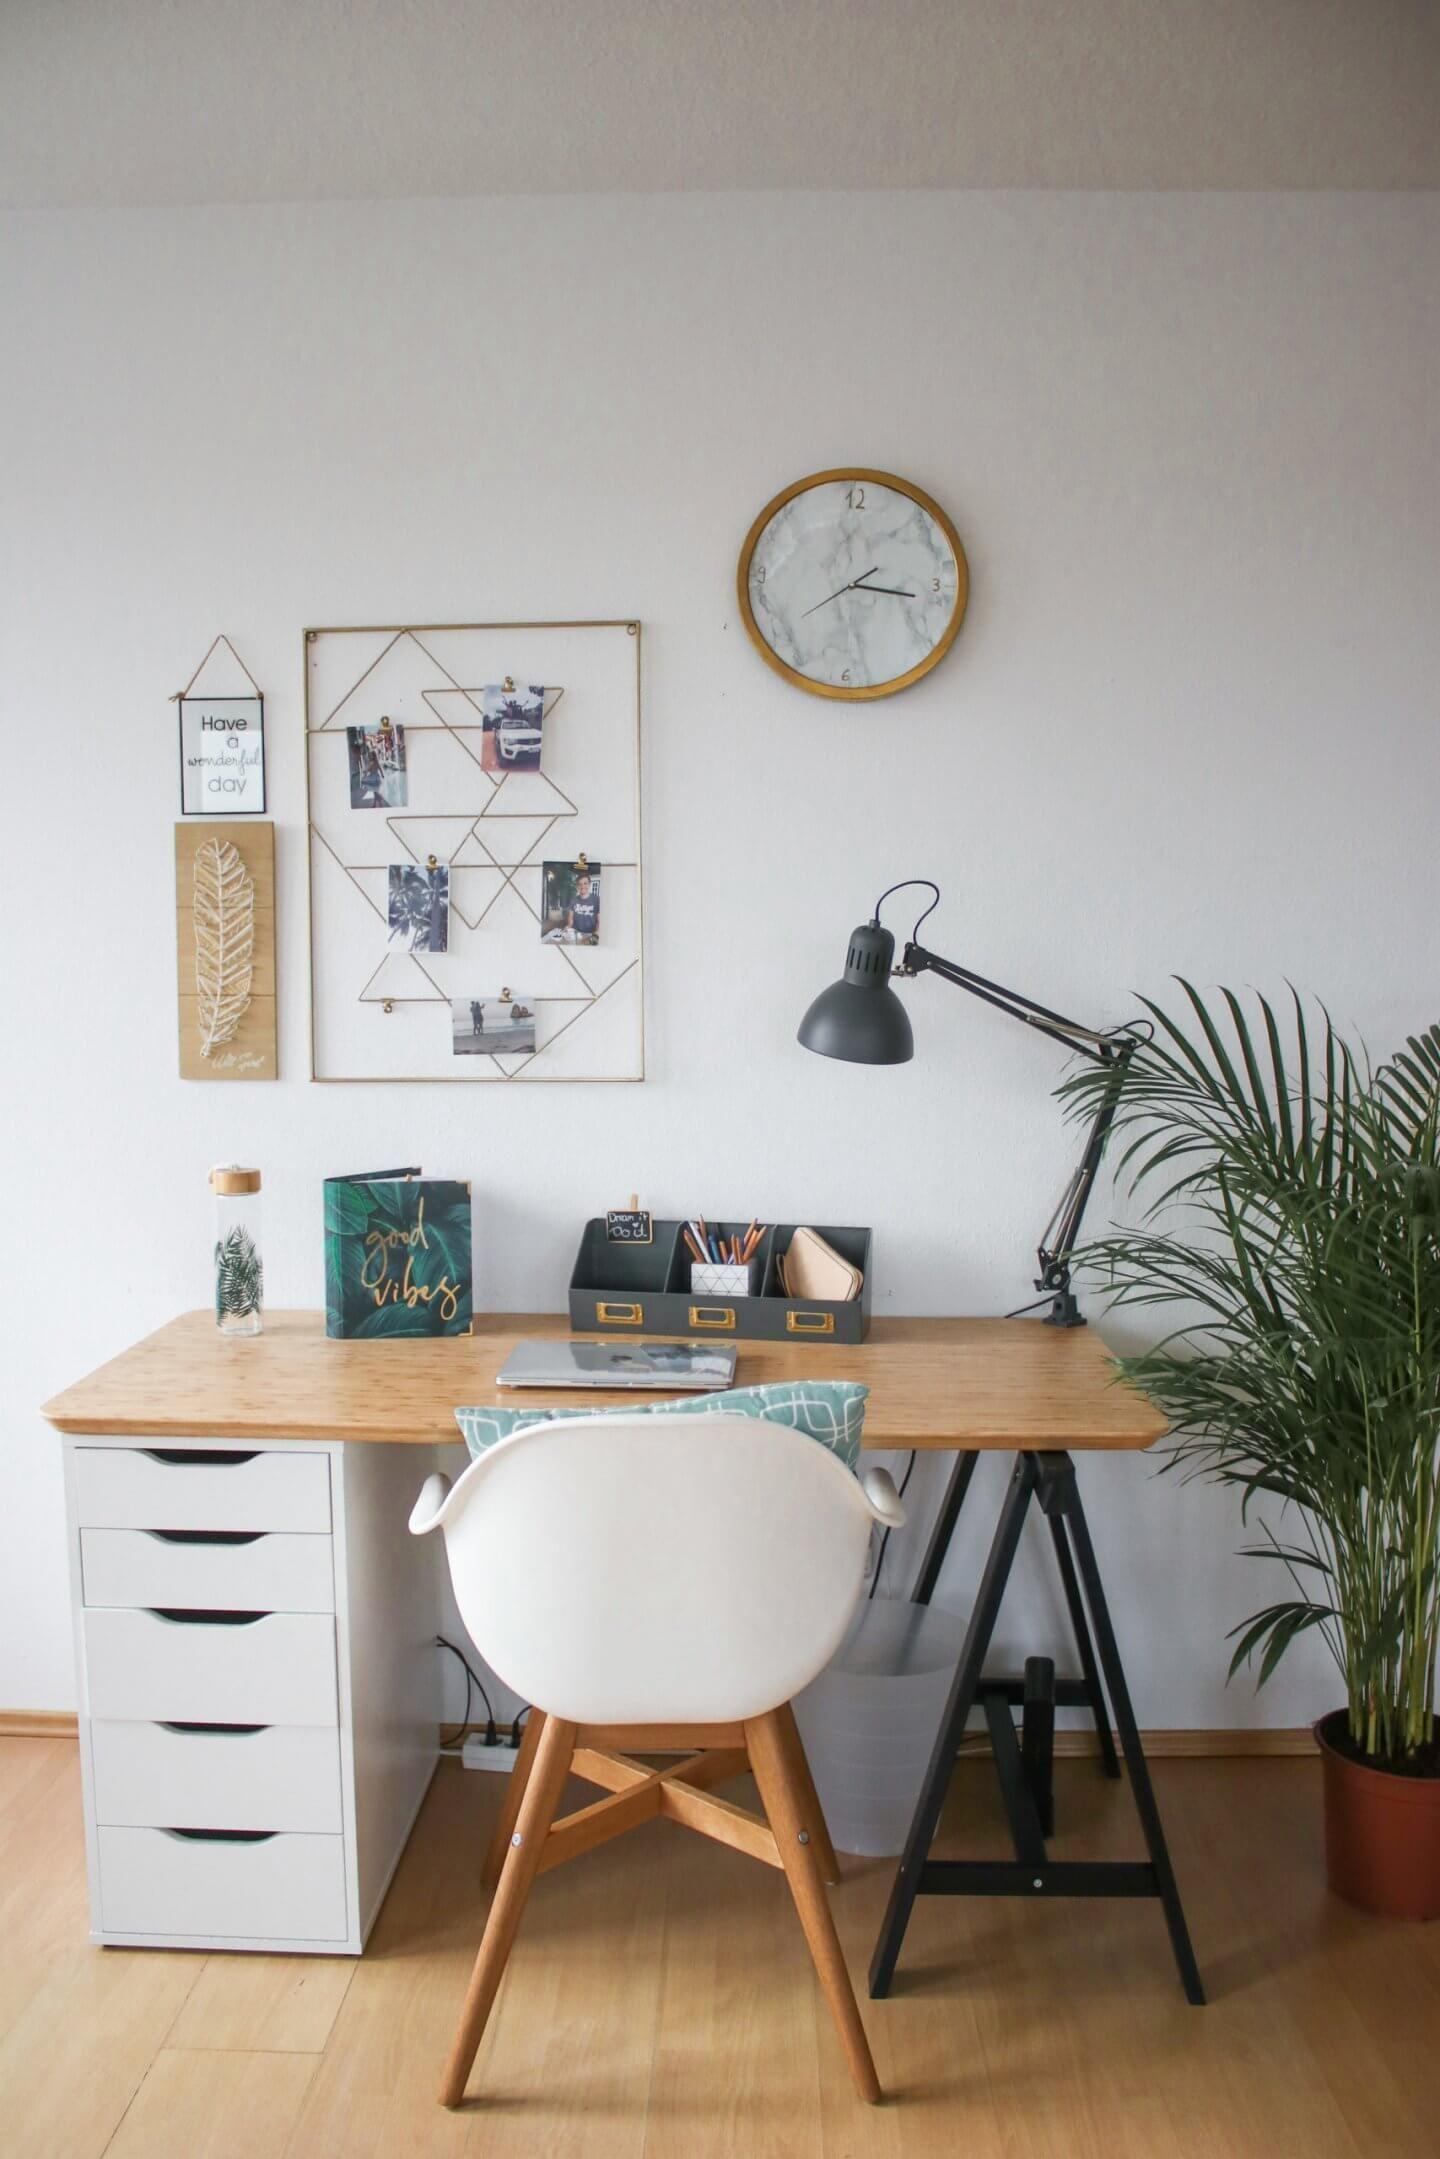 desk diy ideas to an IKEA desk to build idea itself